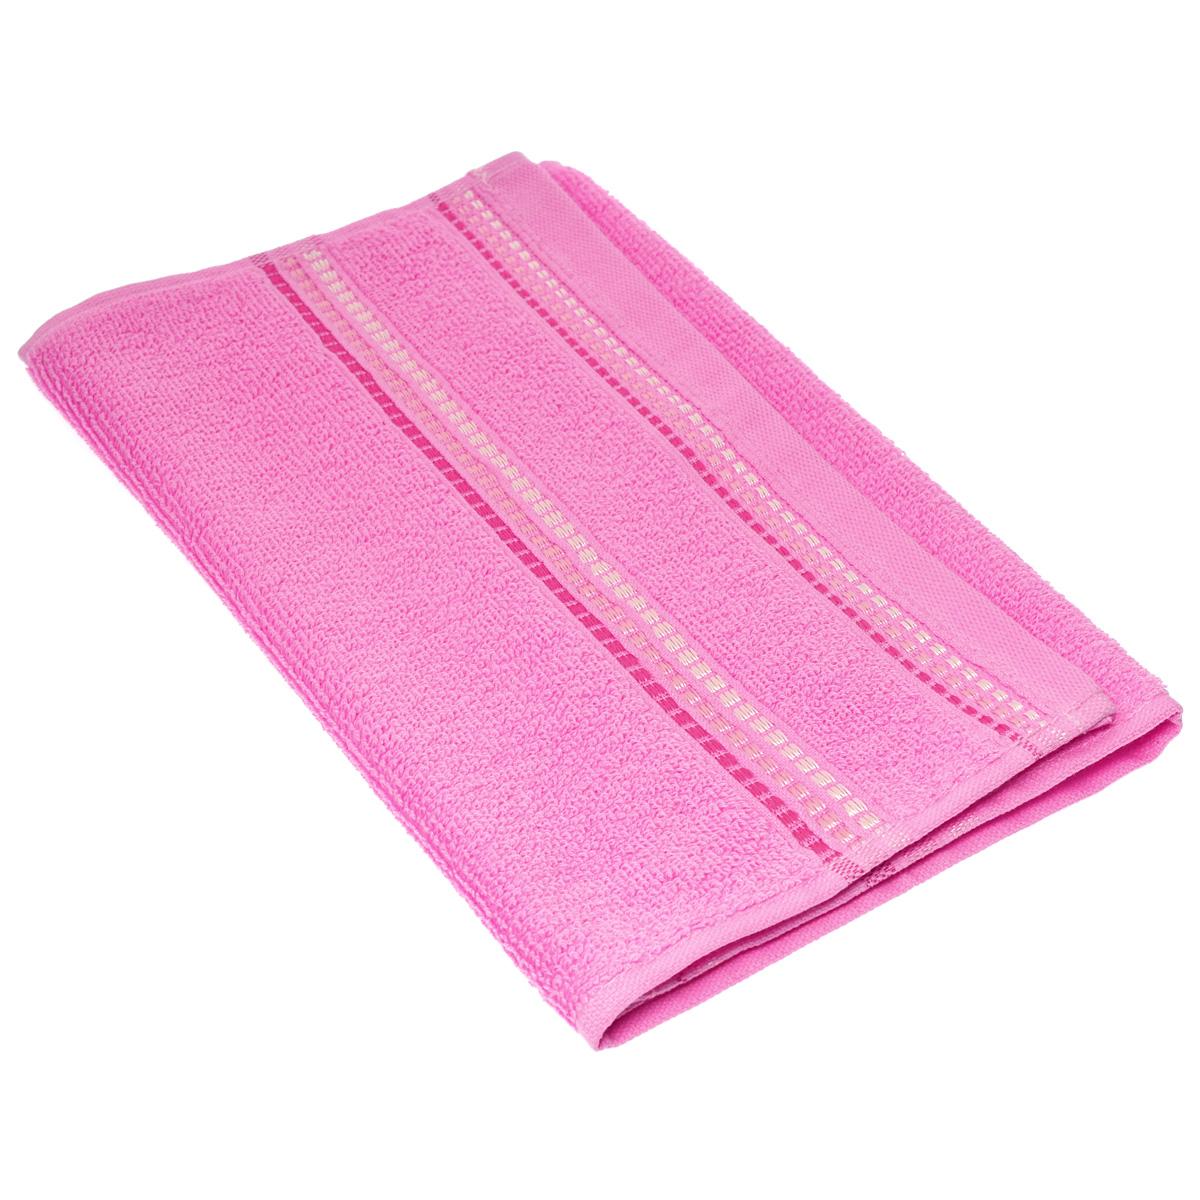 Полотенце махровое Coronet Пиано, цвет: розовый, 30 см х 50 смБ-МП-2020-08-06Махровое полотенце Coronet Пиано, изготовленное из натурального хлопка, подарит массу положительных эмоций и приятных ощущений. Полотенце отличается нежностью и мягкостью материала, утонченным дизайном и превосходным качеством. Оно прекрасно впитывает влагу, быстро сохнет и не теряет своих свойств после многократных стирок. Махровое полотенце Coronet Пиано станет достойным выбором для вас и приятным подарком для ваших близких. Мягкость и высокое качество материала, из которого изготовлены полотенца не оставит вас равнодушными.